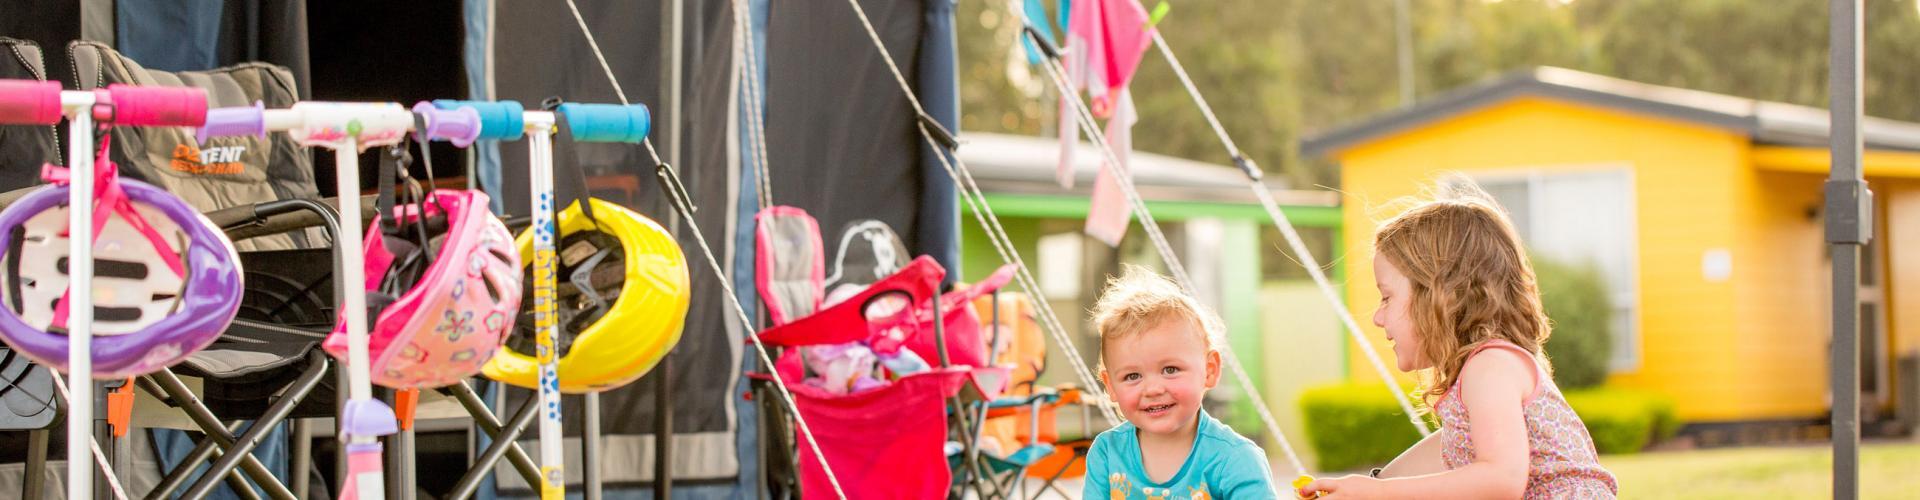 BIG4 Traralgon Park Lane Holiday Park - Kids Camping and playing at tent